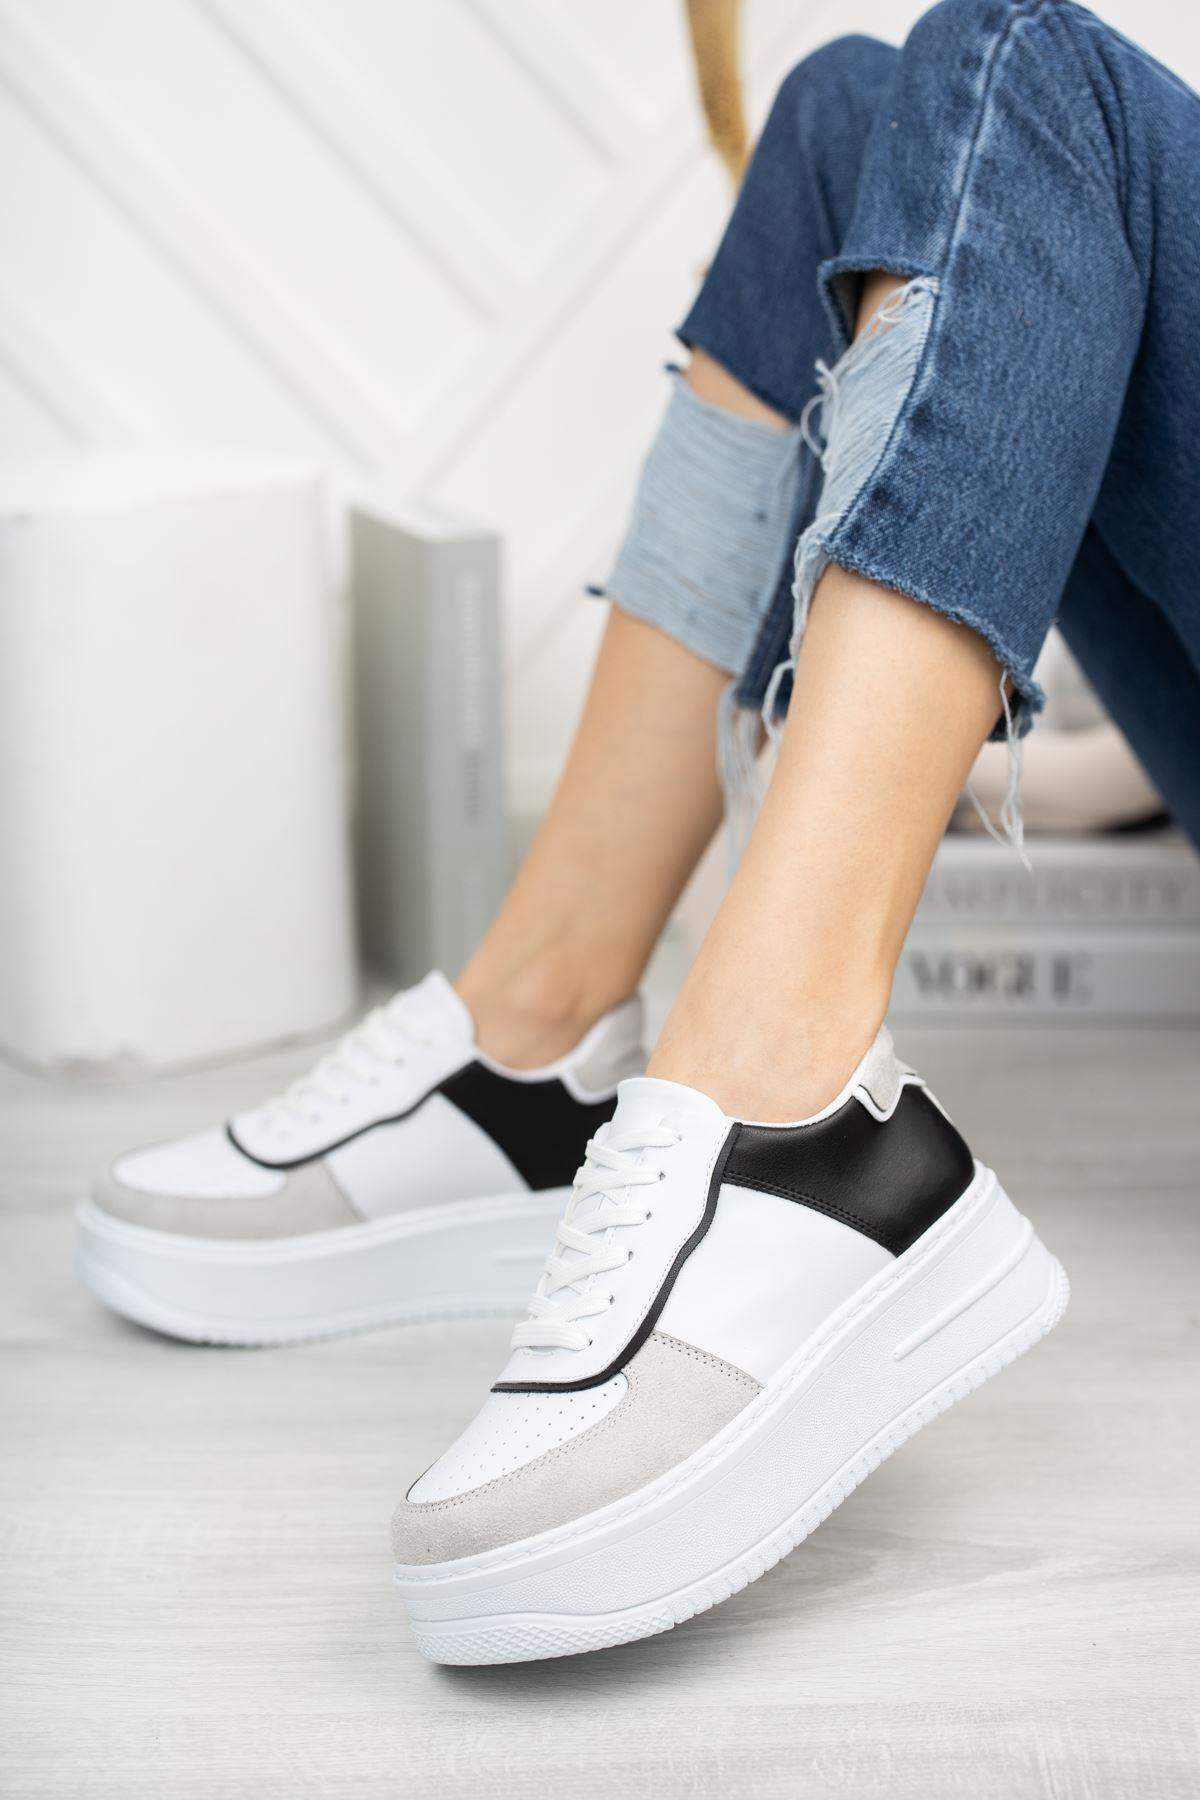 Kadın Rascon Kalın Taban Bağcıklı Siyah Beyaz  Spor Ayakkabı